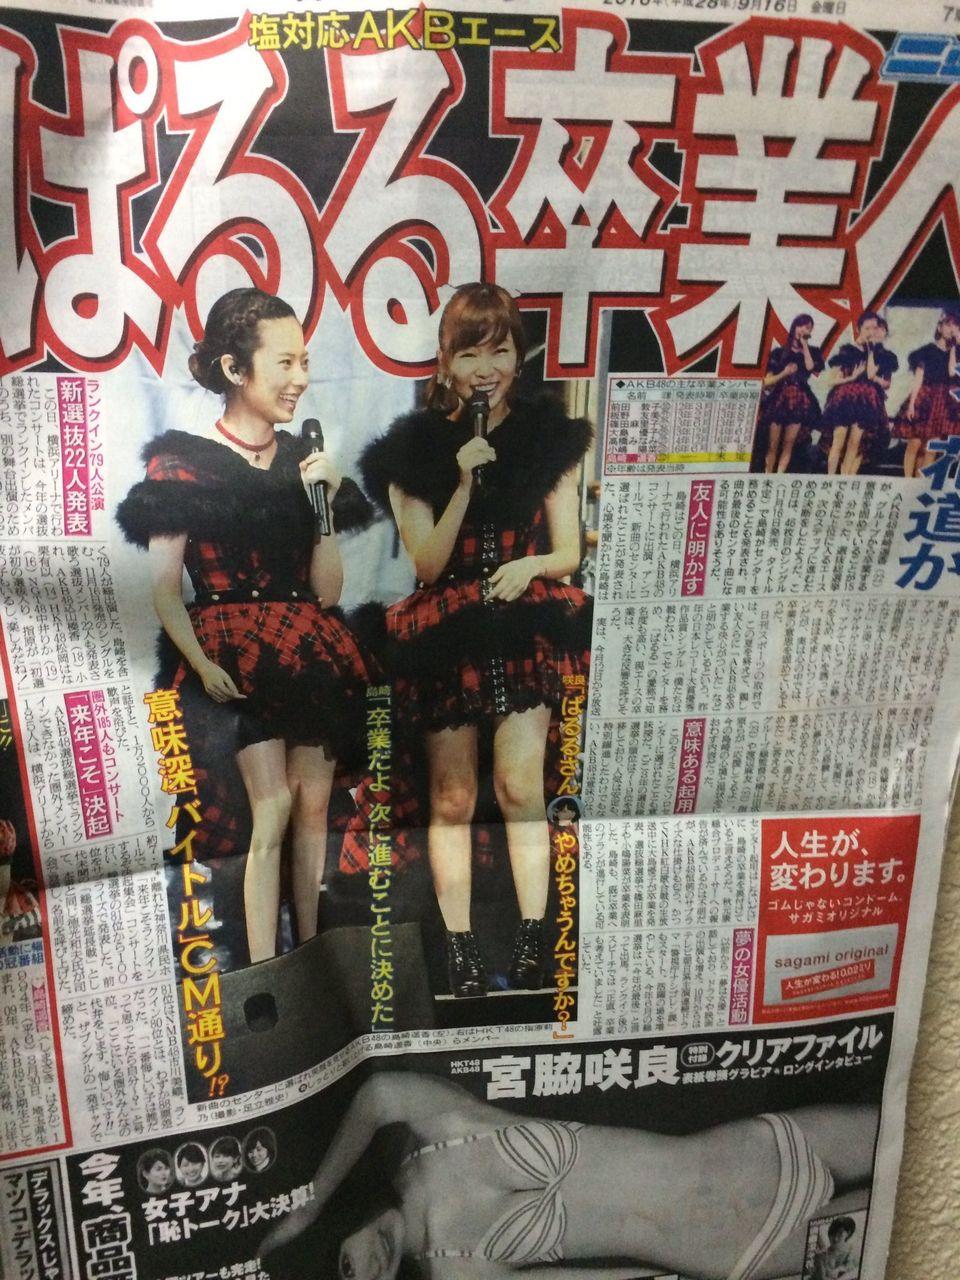 【日刊スポーツ】島崎遥香がAKB48を卒業するという記事